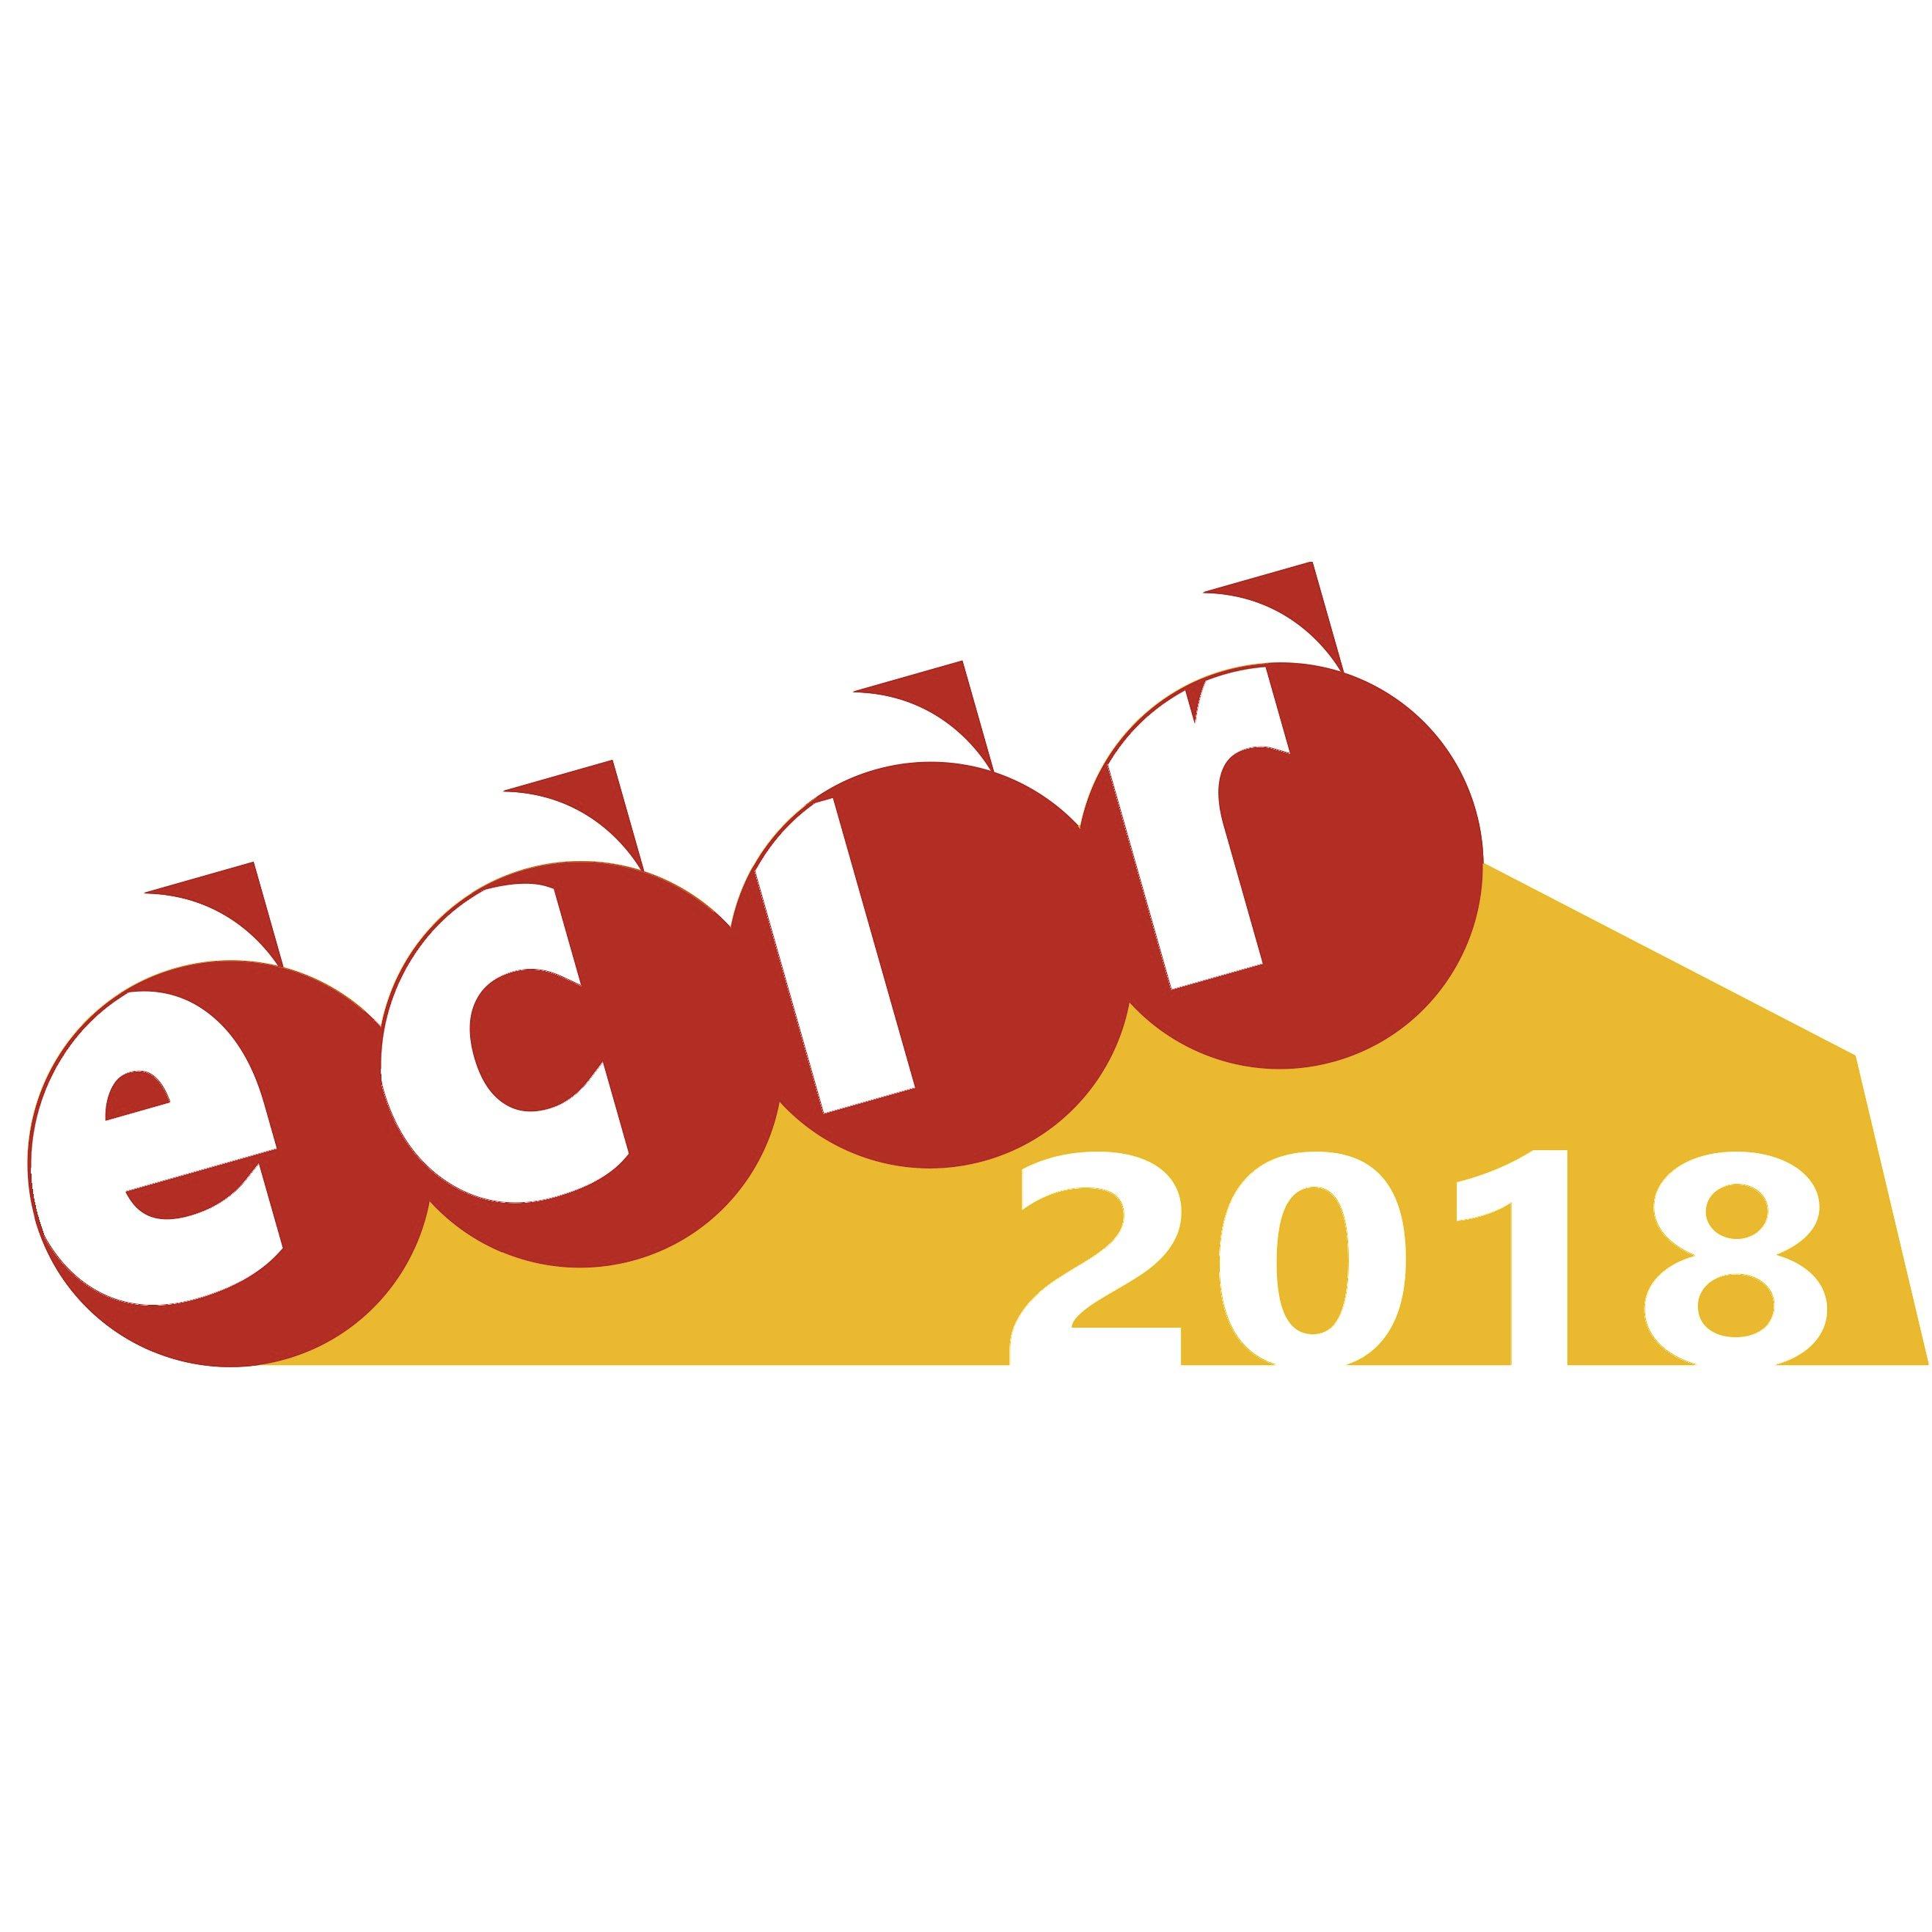 ecir 2018